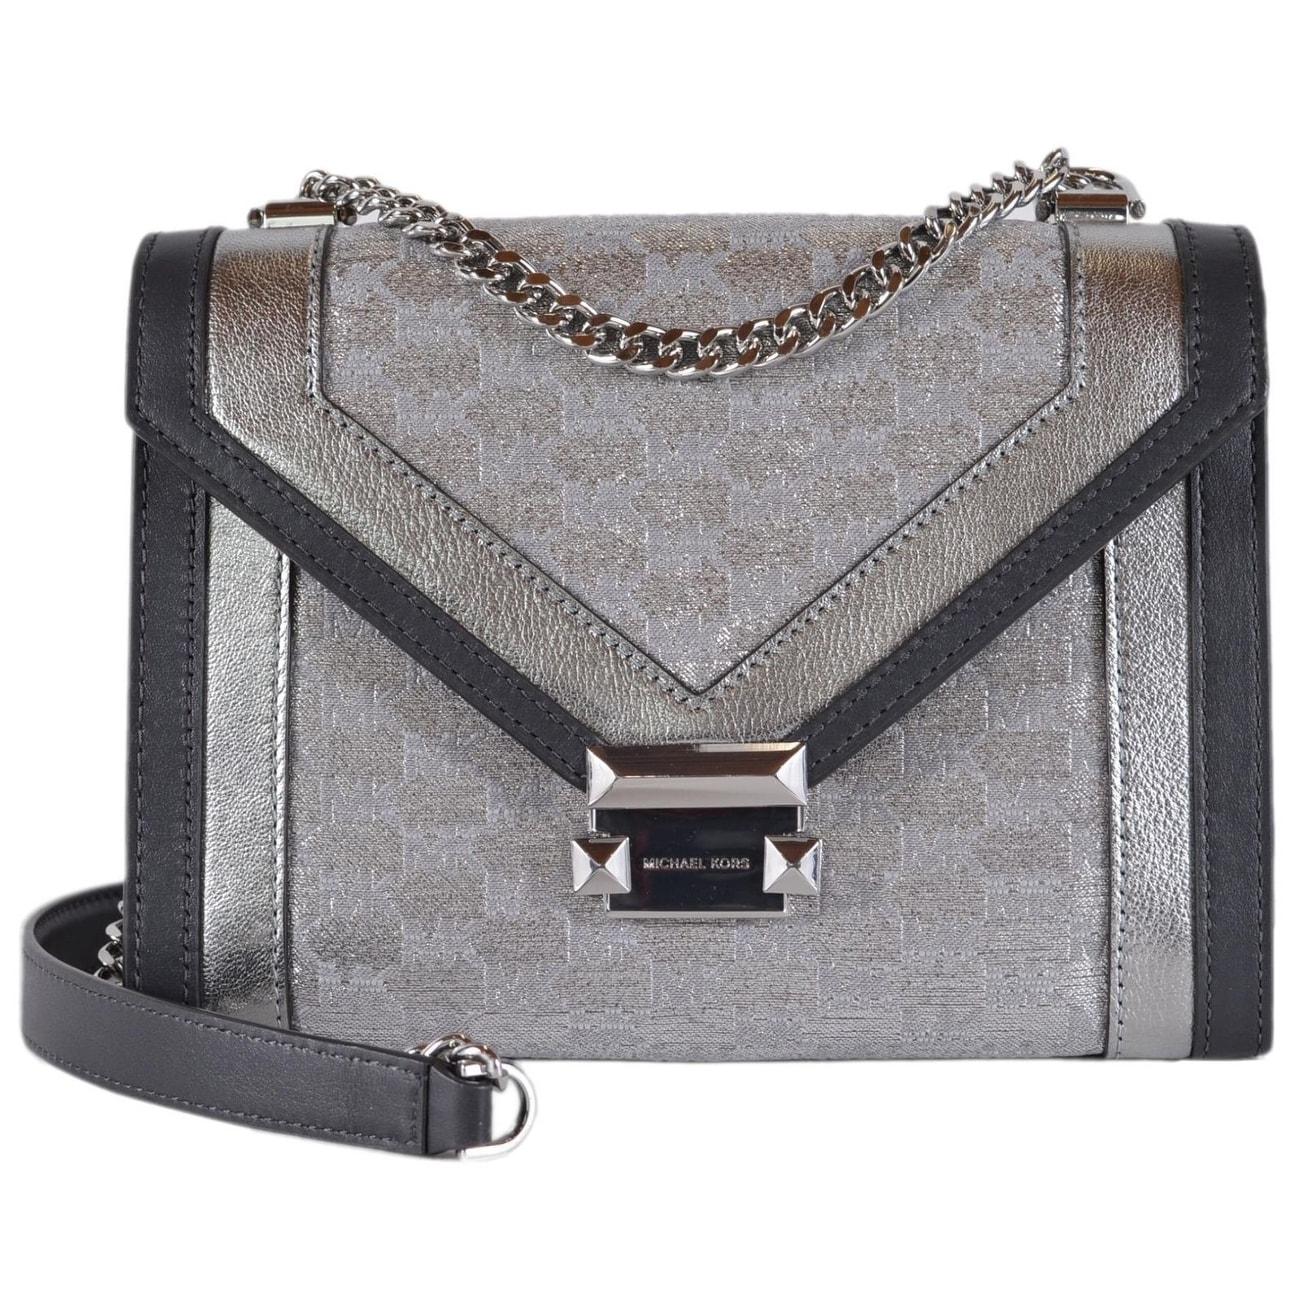 Michael Kors Whitney Large Metallic Logo Jacquard Convertible Shoulder Bag